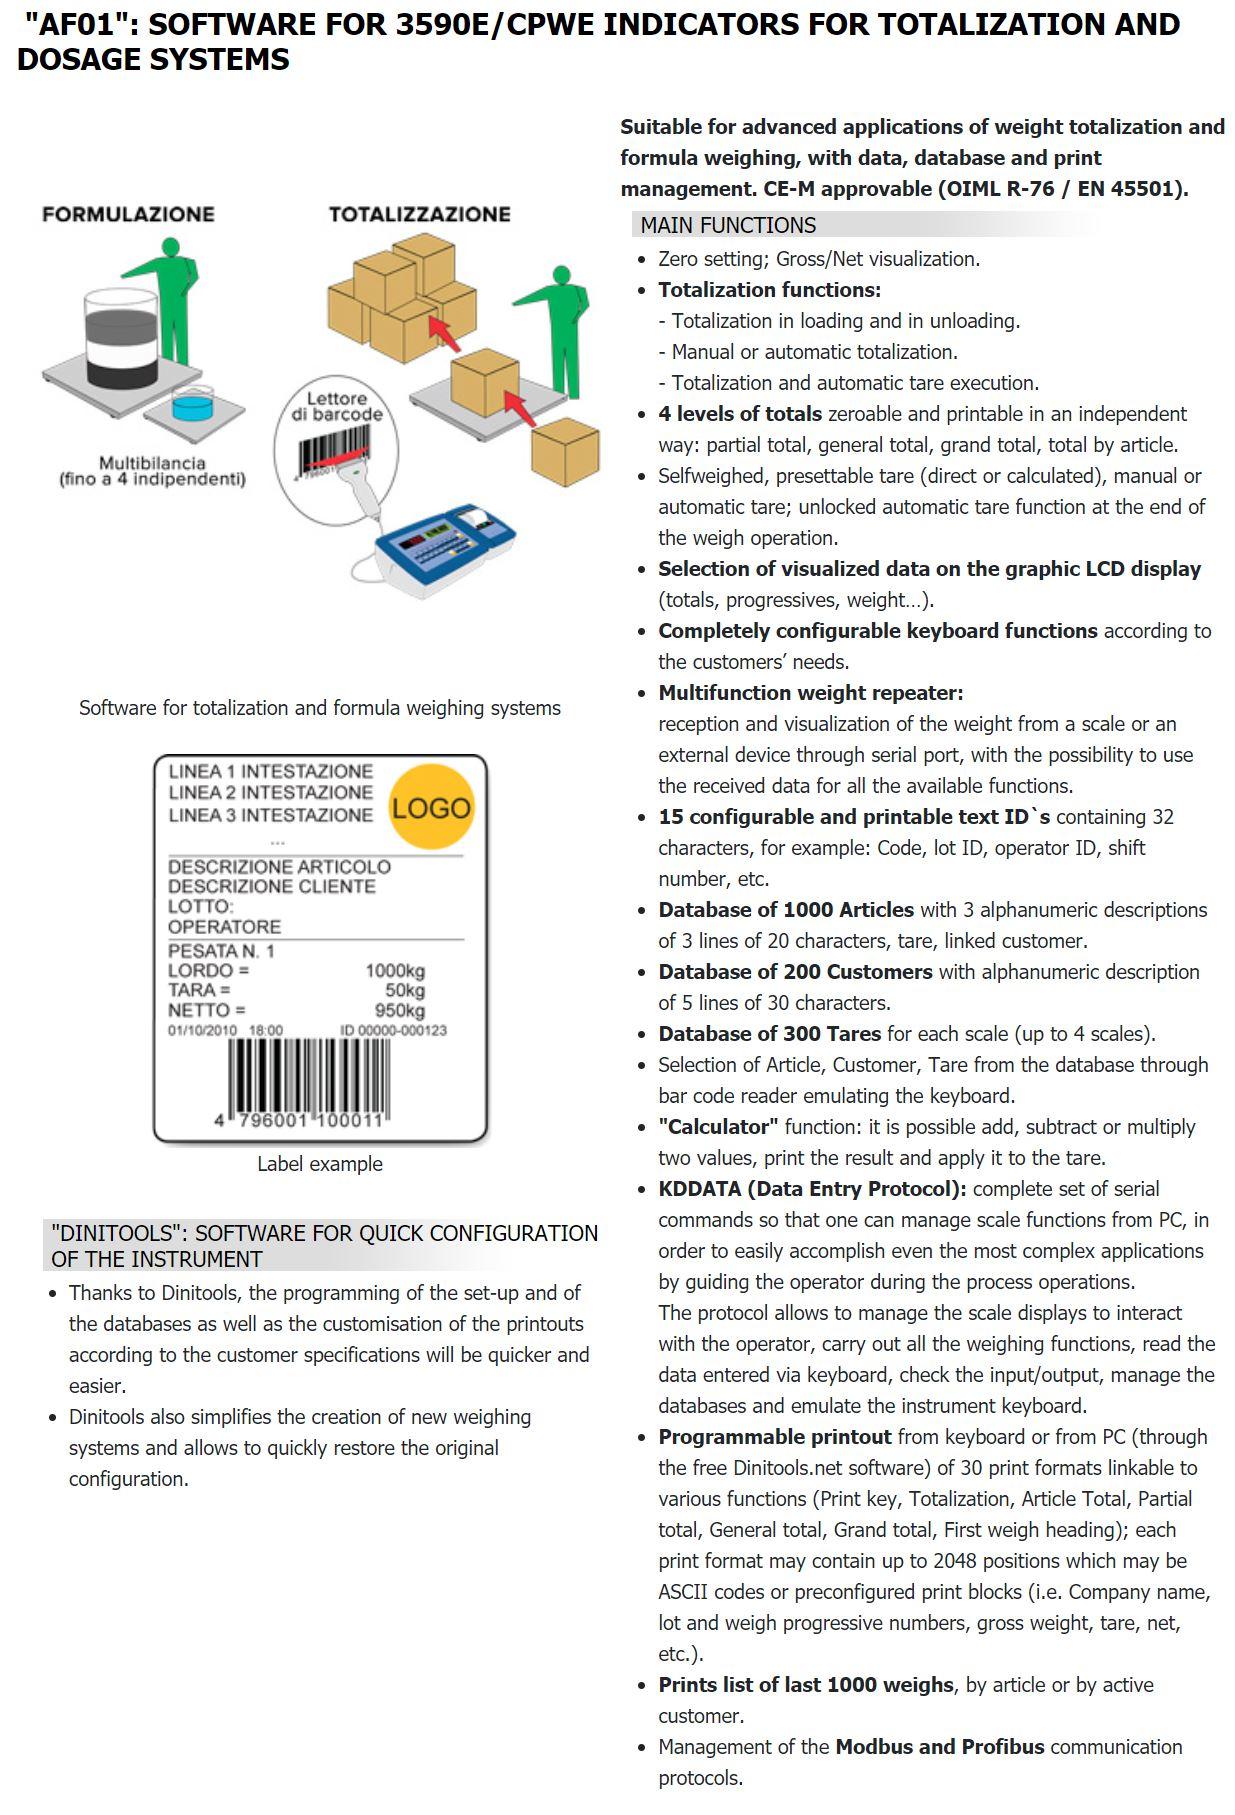 AF01-PAGE